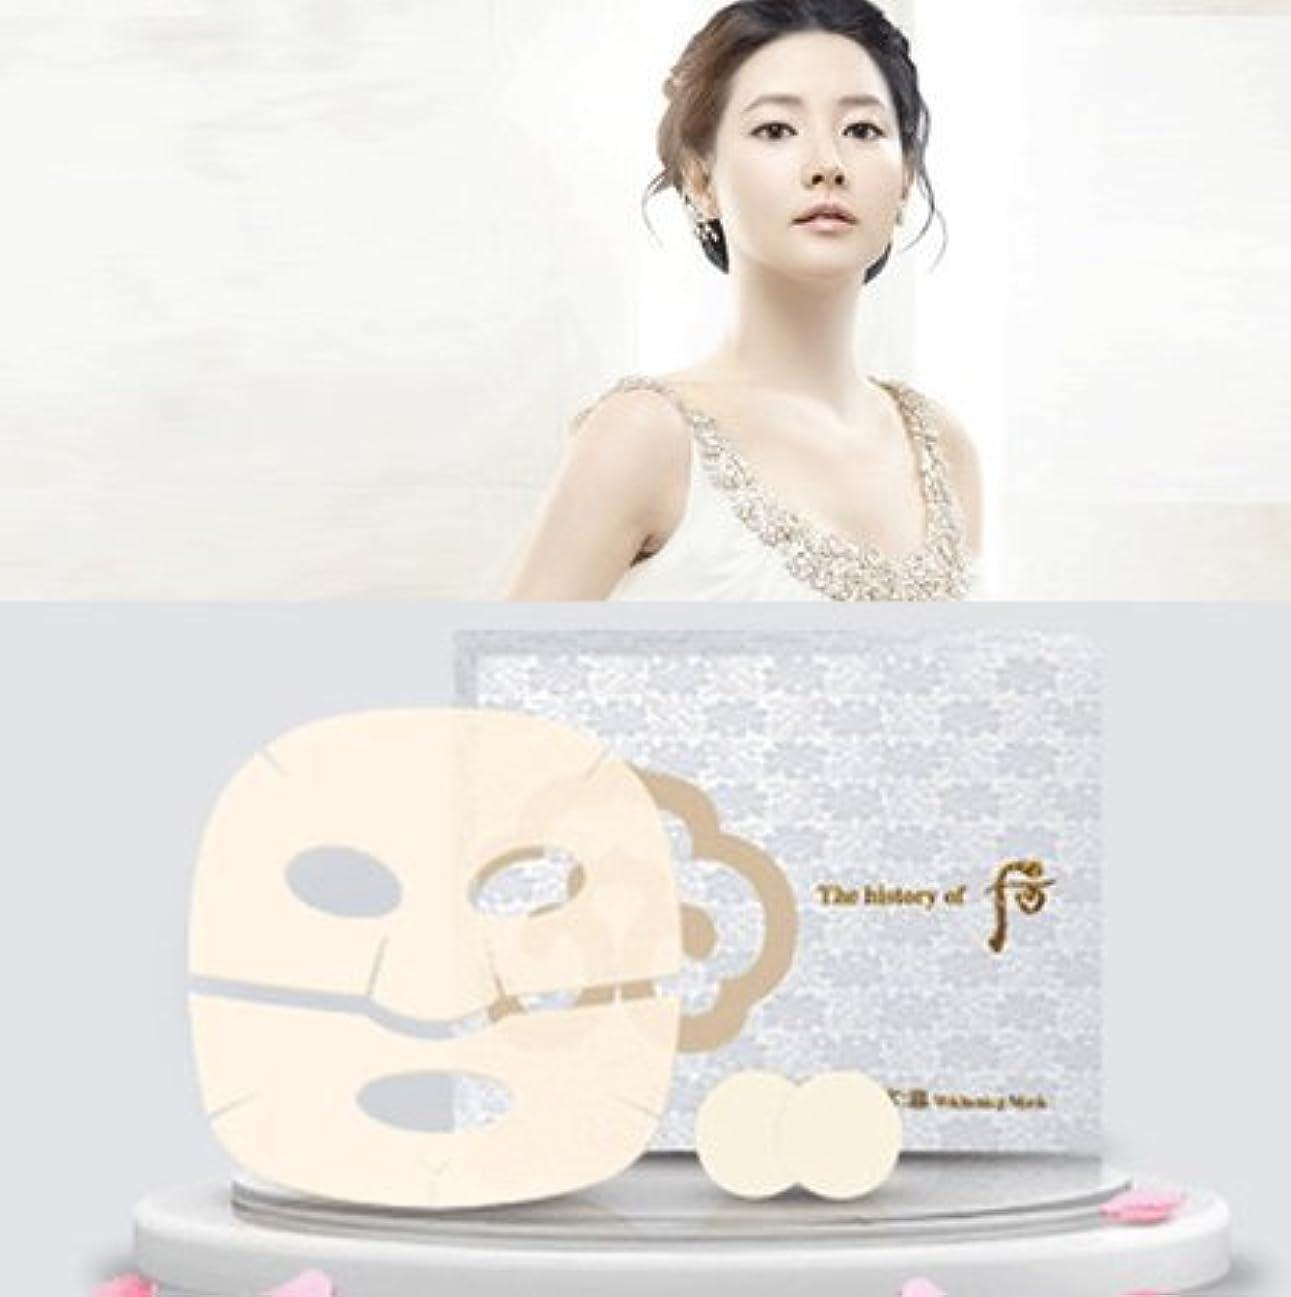 貪欲恨みトラップ【フー/The history of whoo] Whoo后 ゴンジンヒャン 美白 光 マスク8枚入/ Gongjinhyang Mask Sheet 8ea+ Sample Gift(海外直送品)